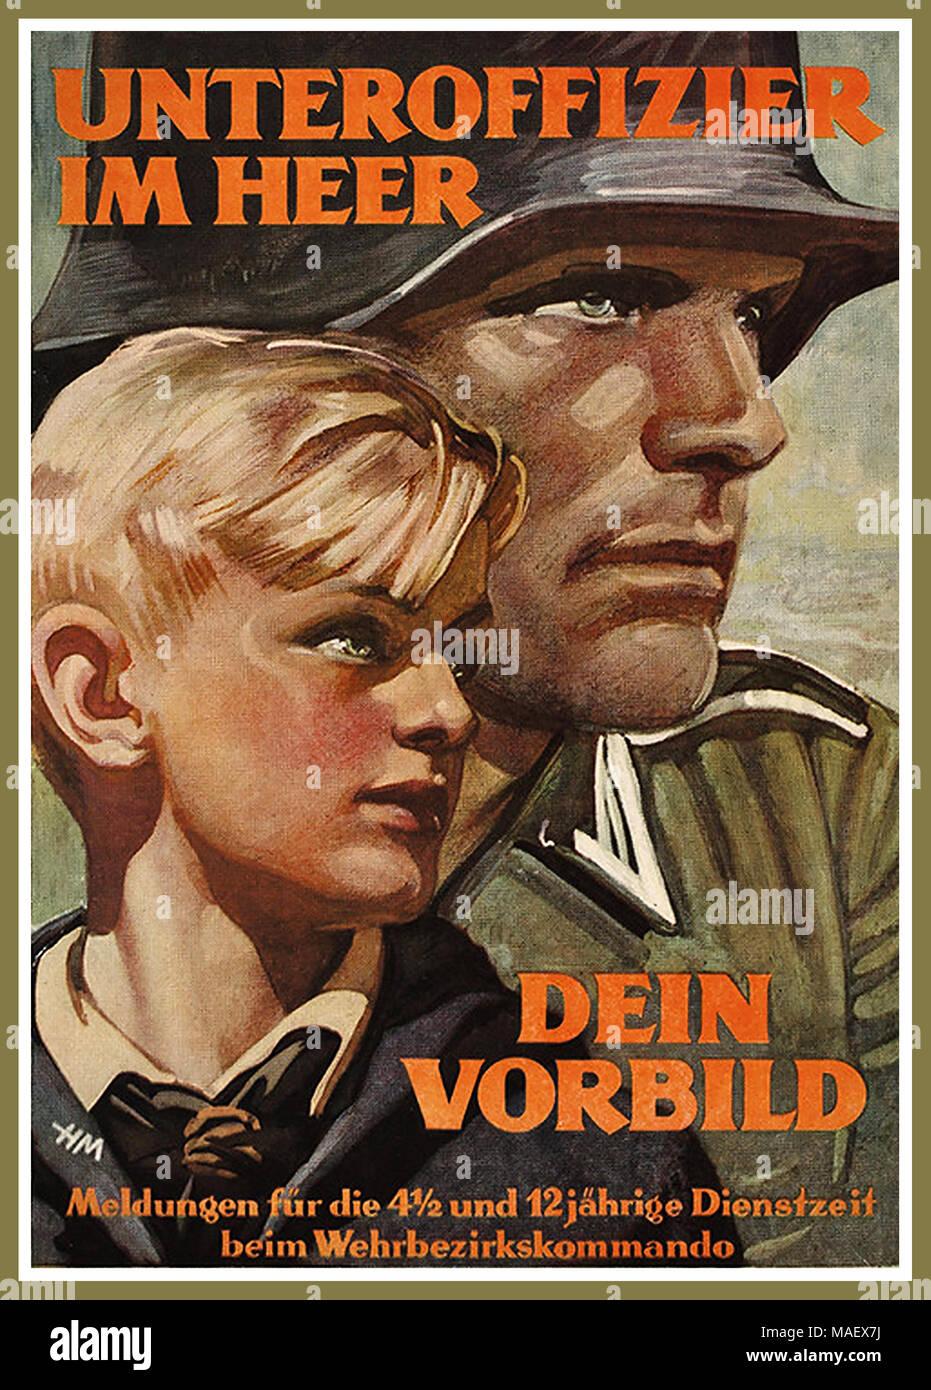 WW 2 NS-Propaganda Poster für Hitler Jugend 1943 ein Non-Commissioned Officer in der Armee sein. Seinem Beispiel folgen. Nachricht an unser Hitler Jugend zwischen 4 1/2 und 12 Jahre alt. Stockbild